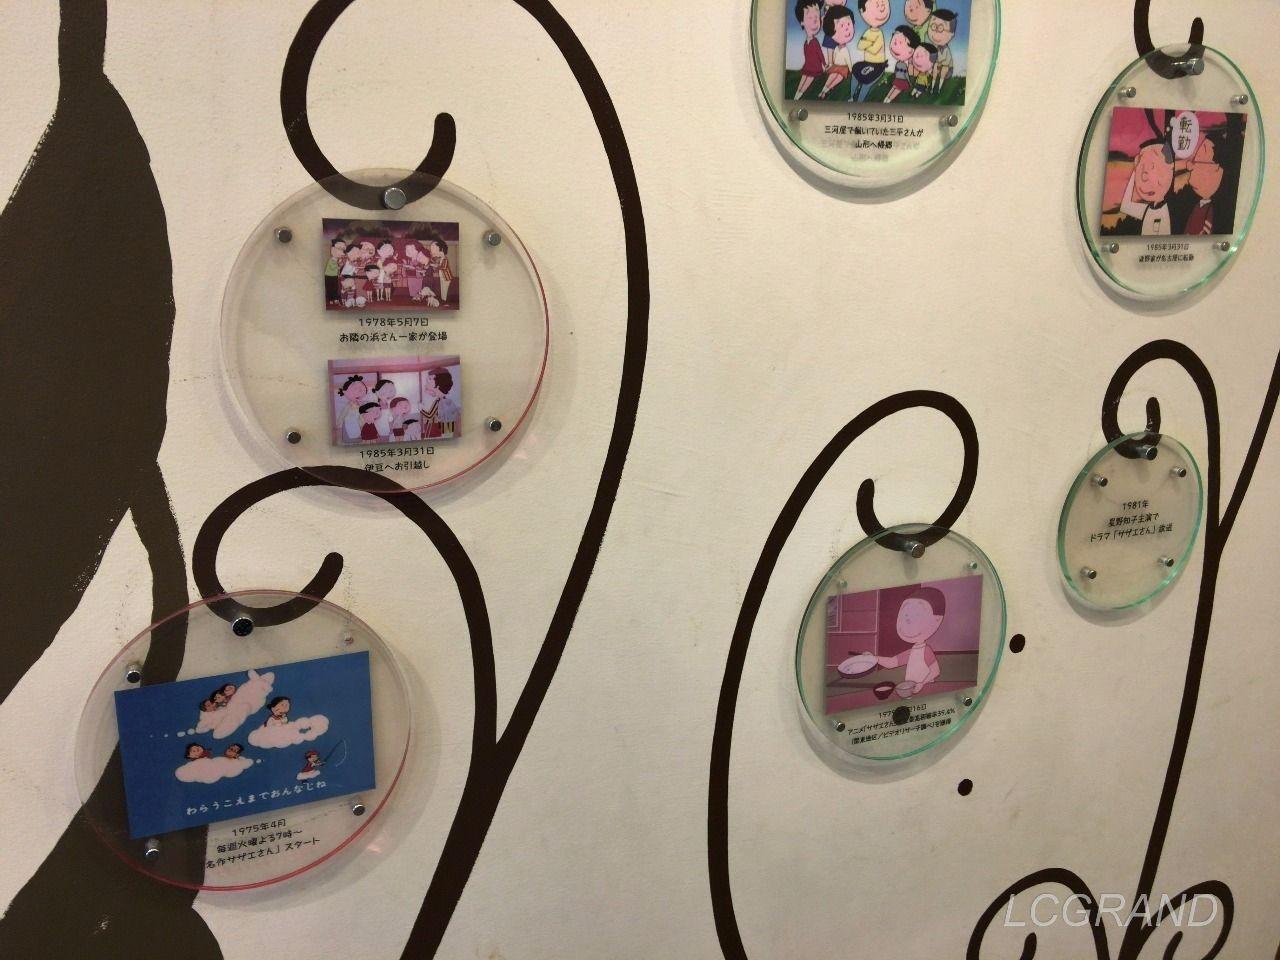 壁に飾られたアニメ画像付きのサザエさんの歴史